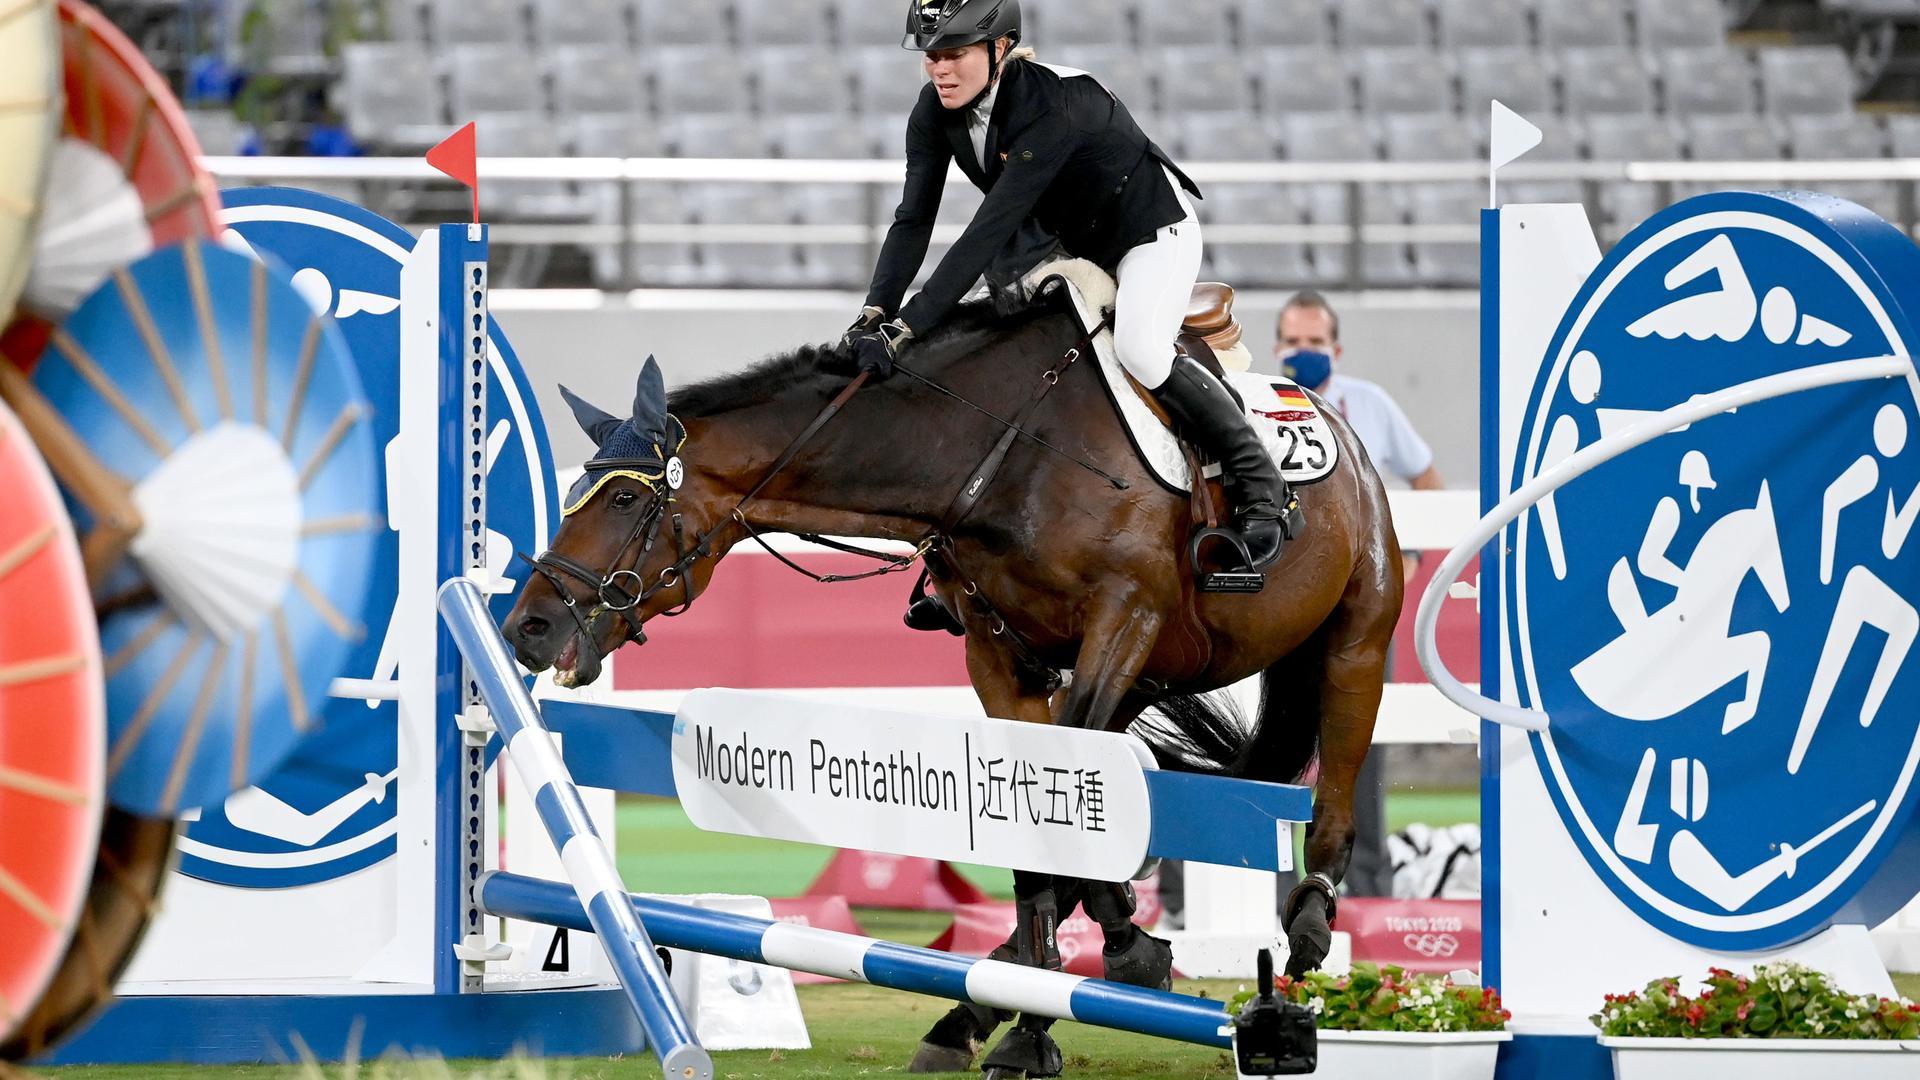 Pferd verweigert Sprung über Hindernis.